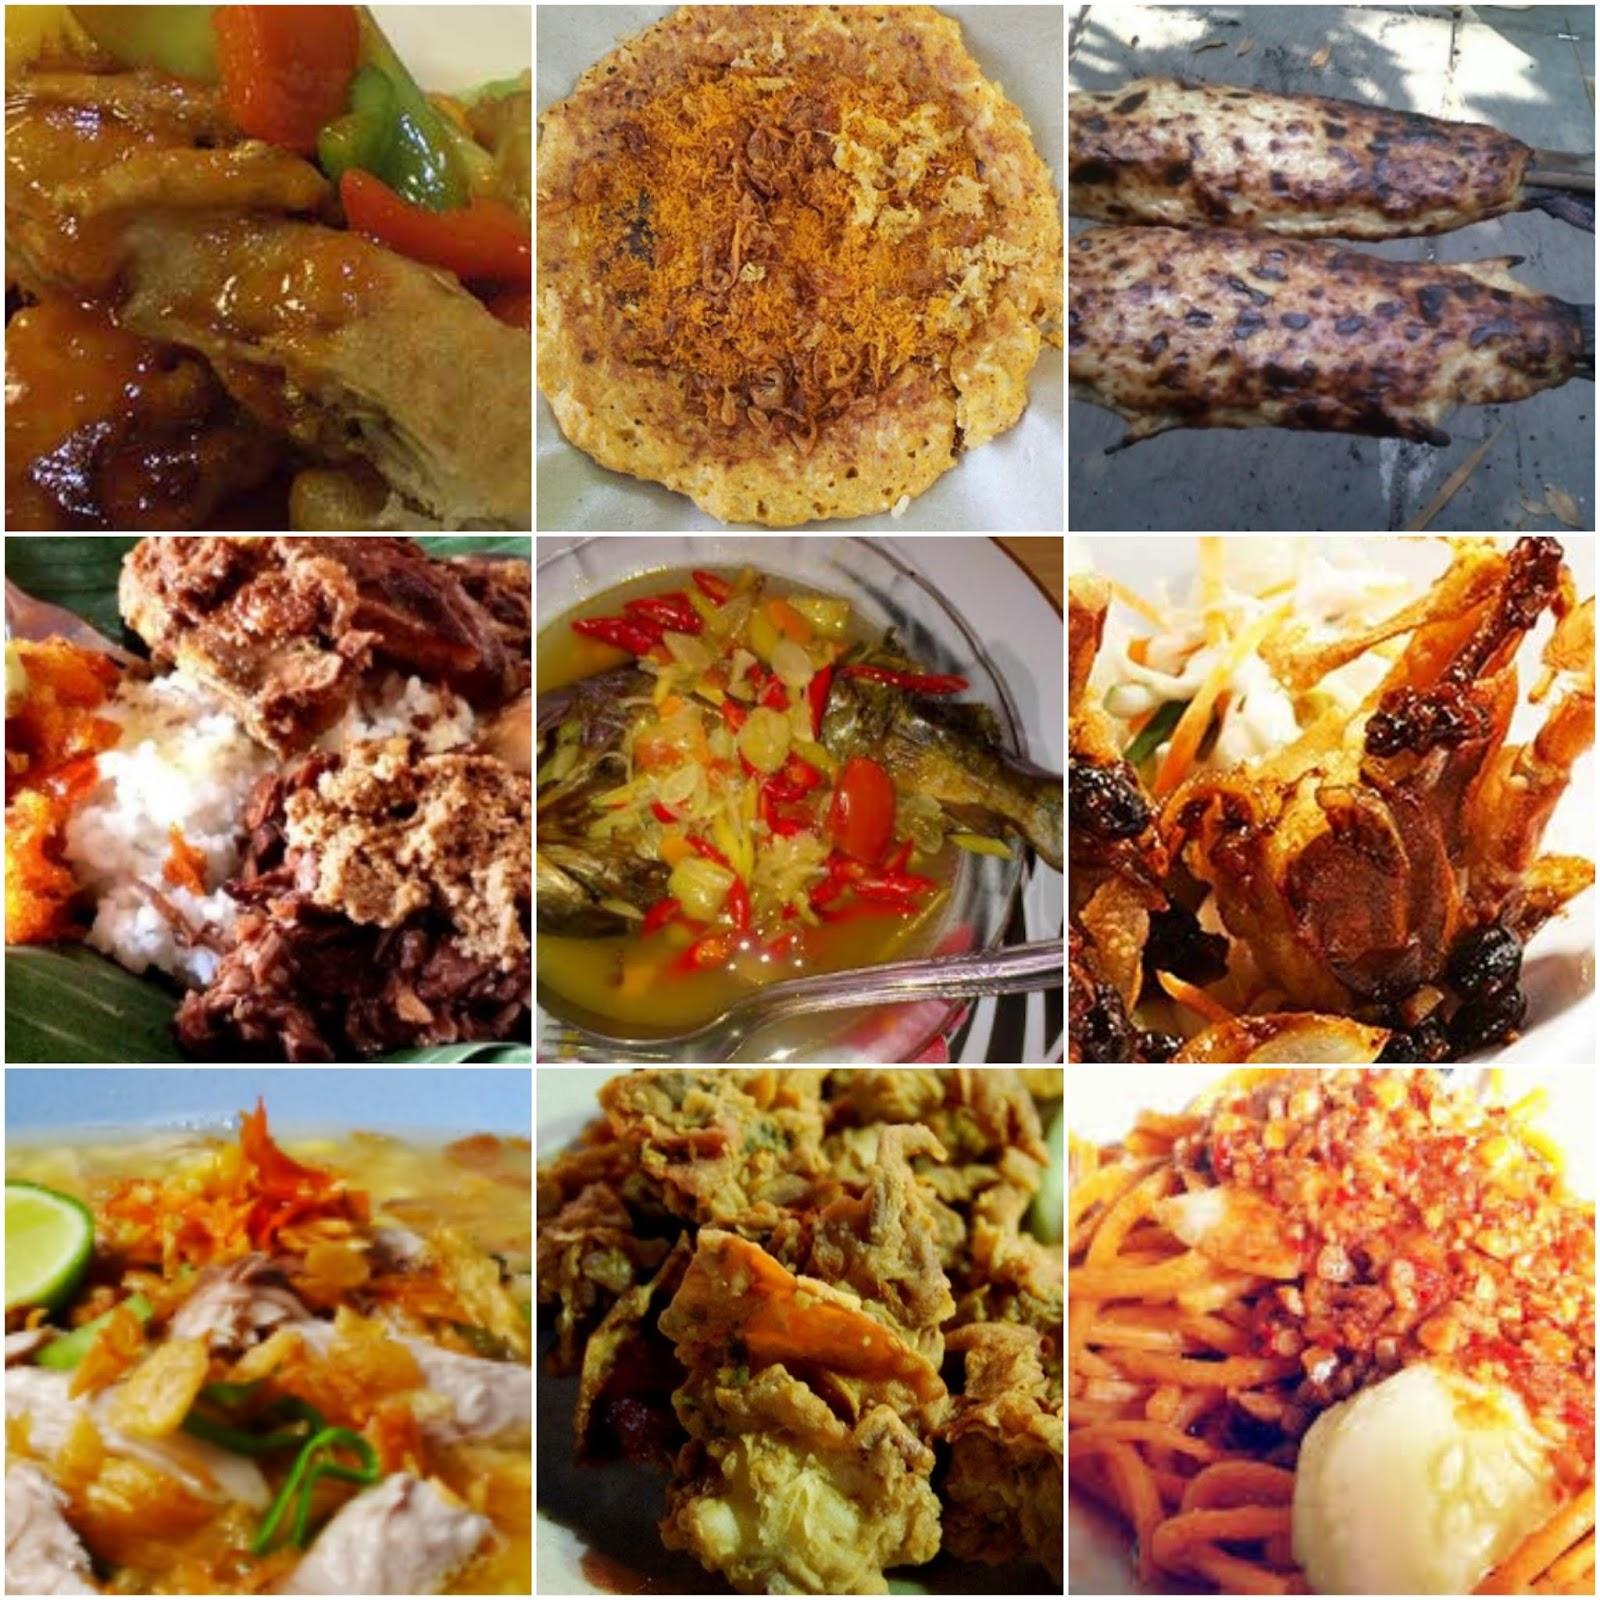 Resep Masakan Tradisional Indonesia Dan Cara Membuatnya